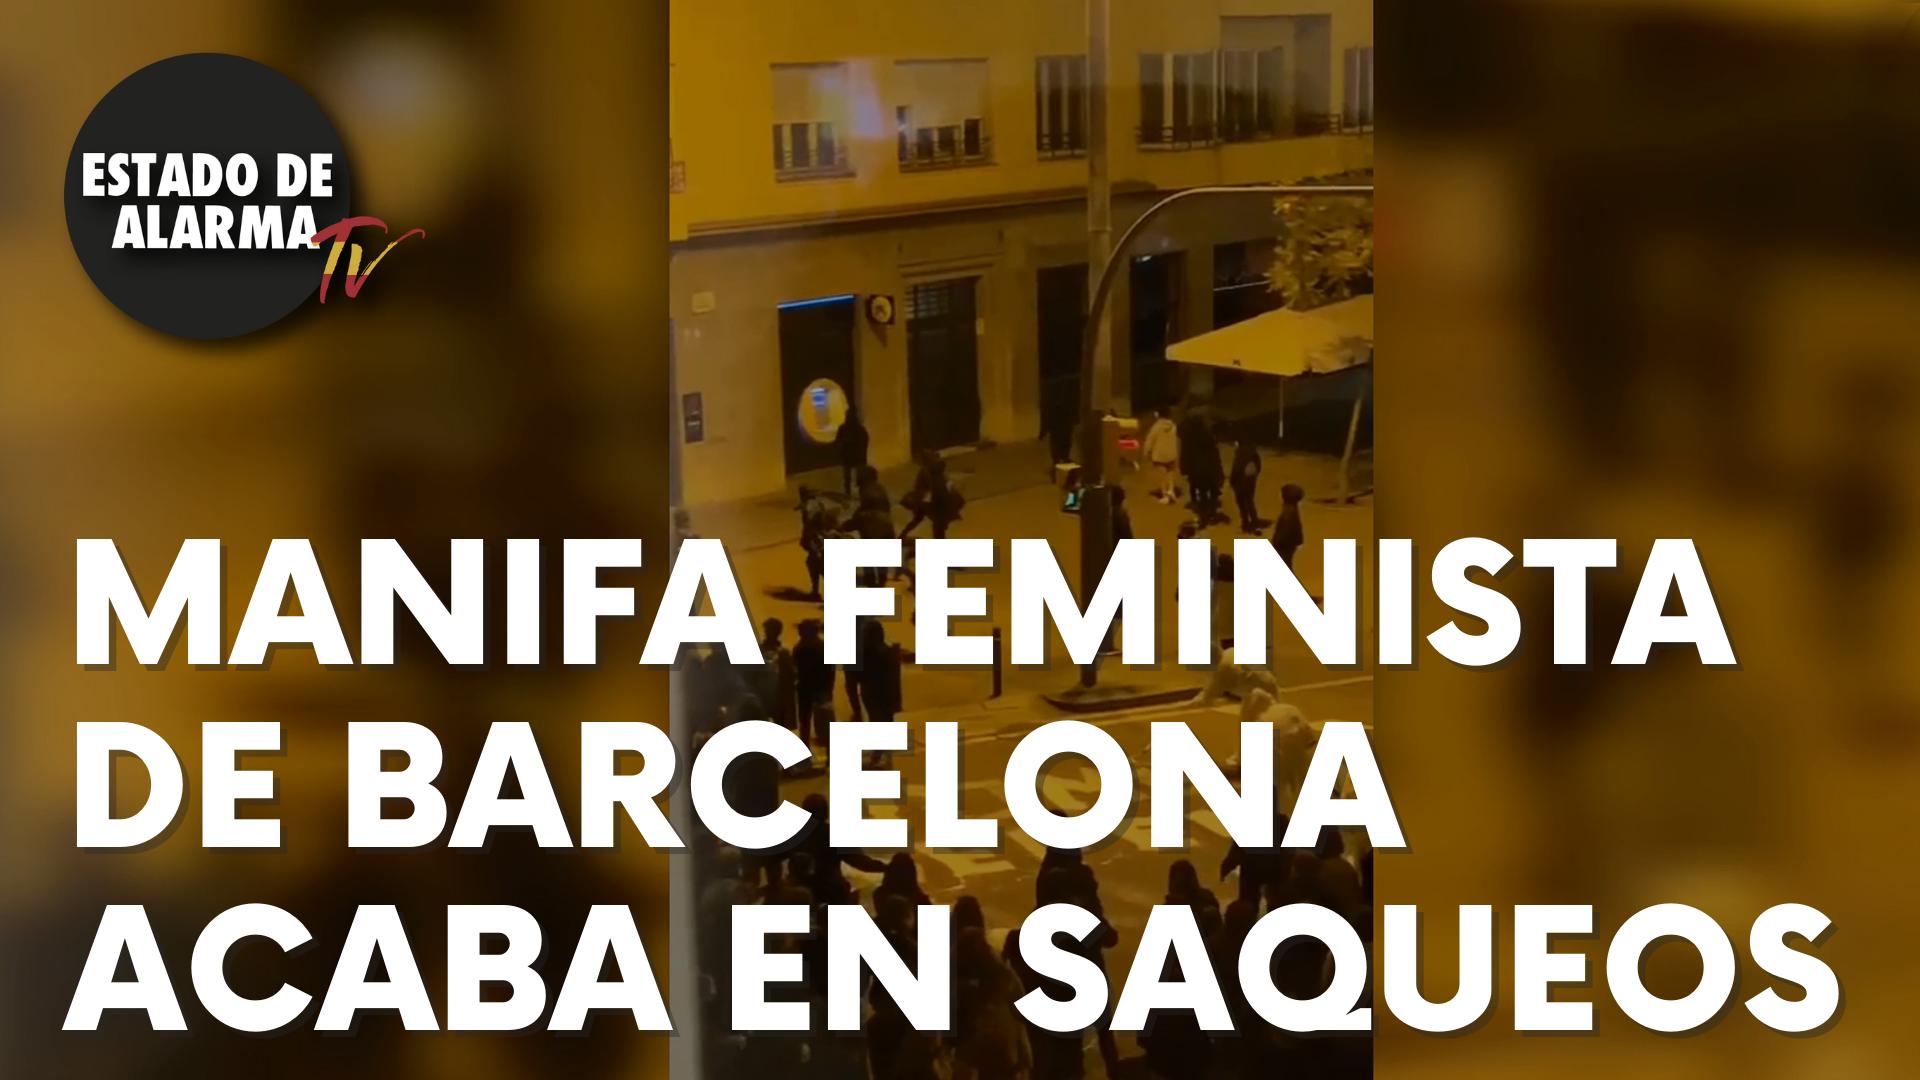 La manifestación feminista de Barcelona acaba en saqueos